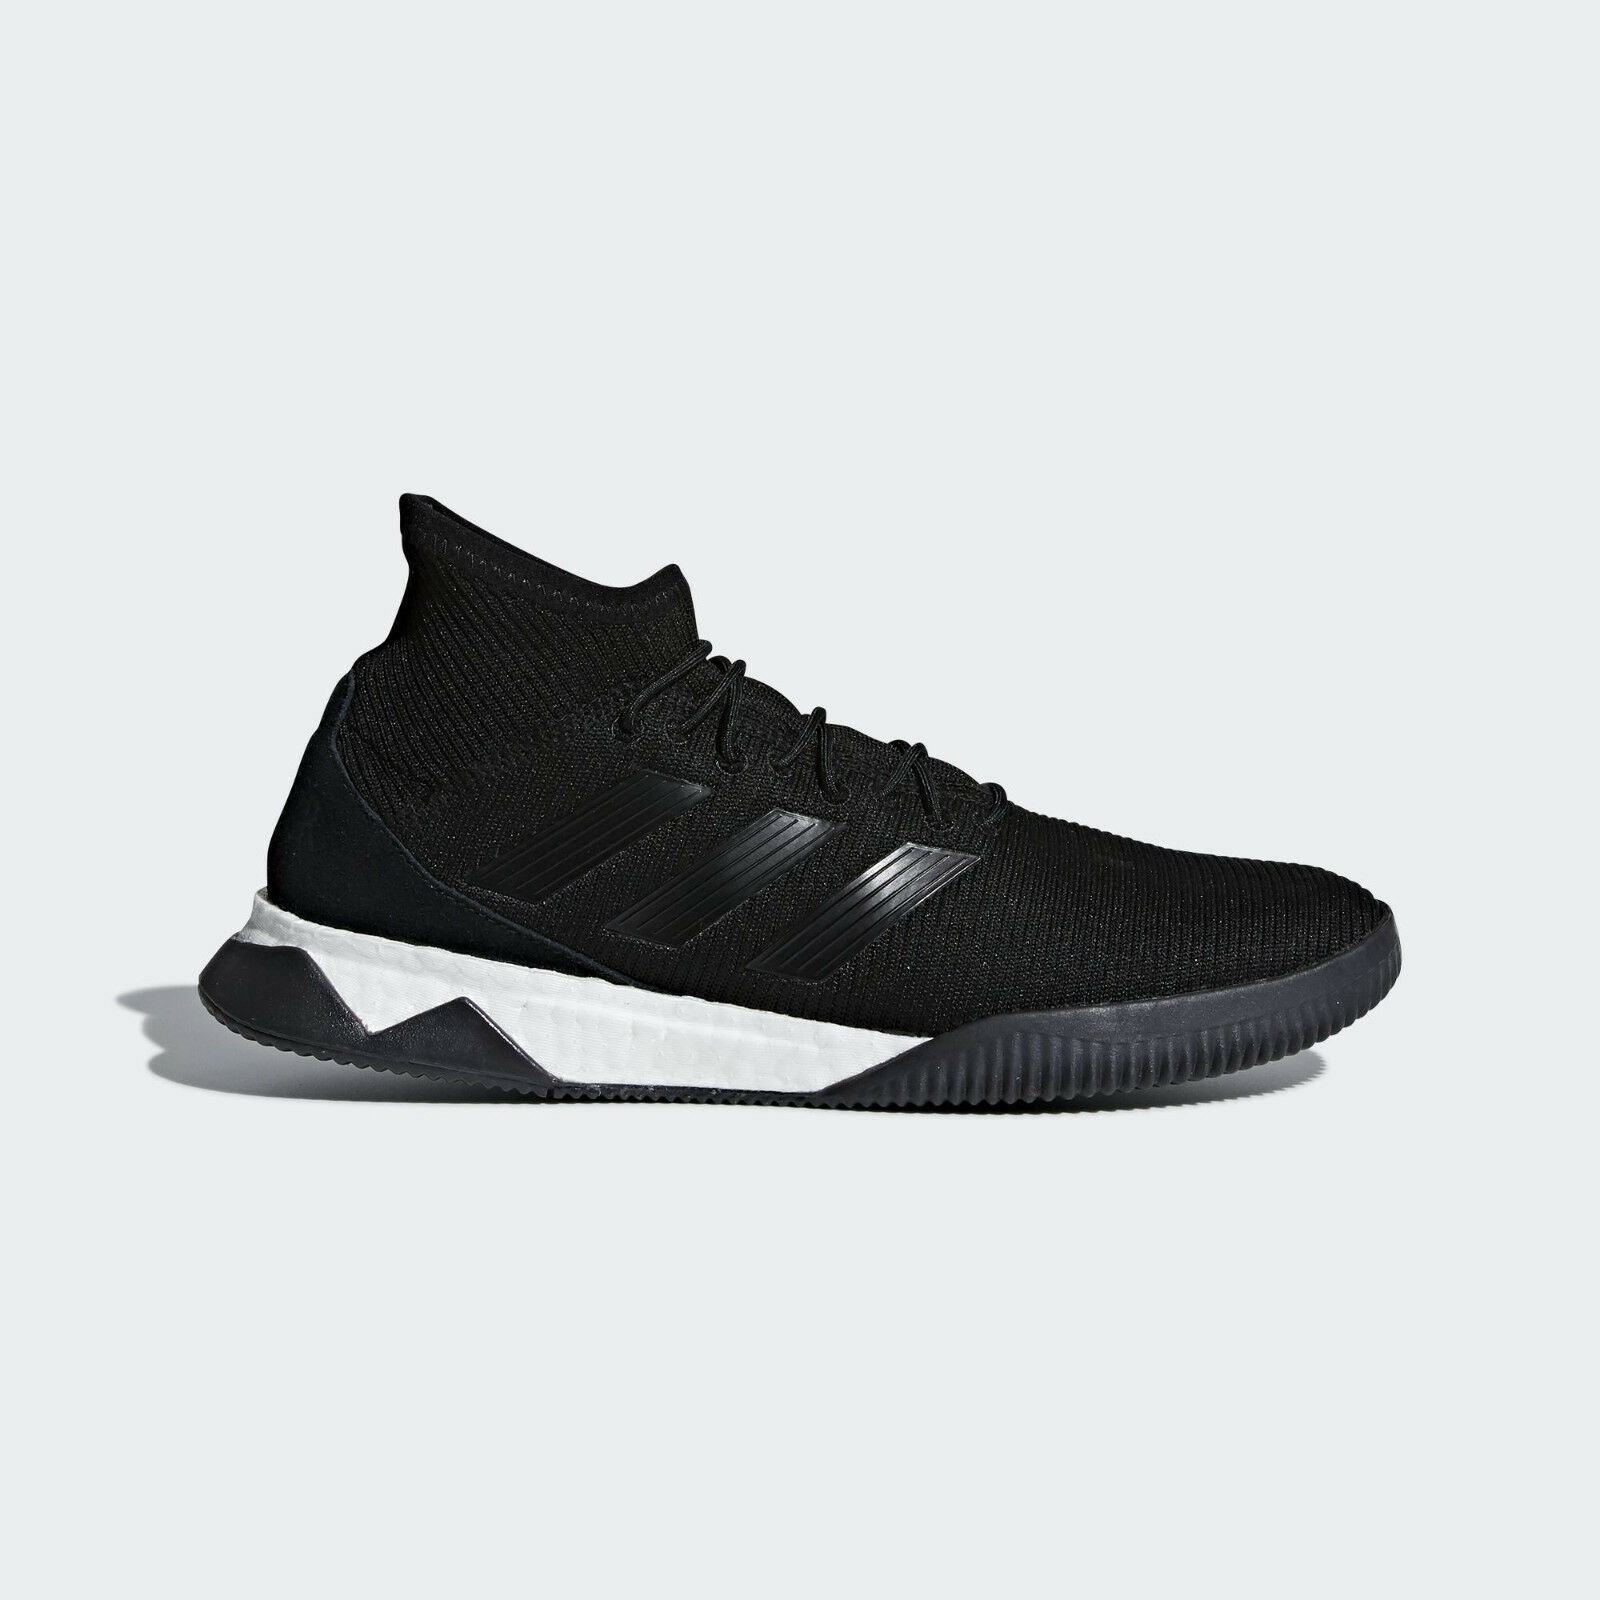 adidas predator tango 18,1 trainer fußball - schuhe größe 8 11 13 schwarz cp9269 ankurbeln